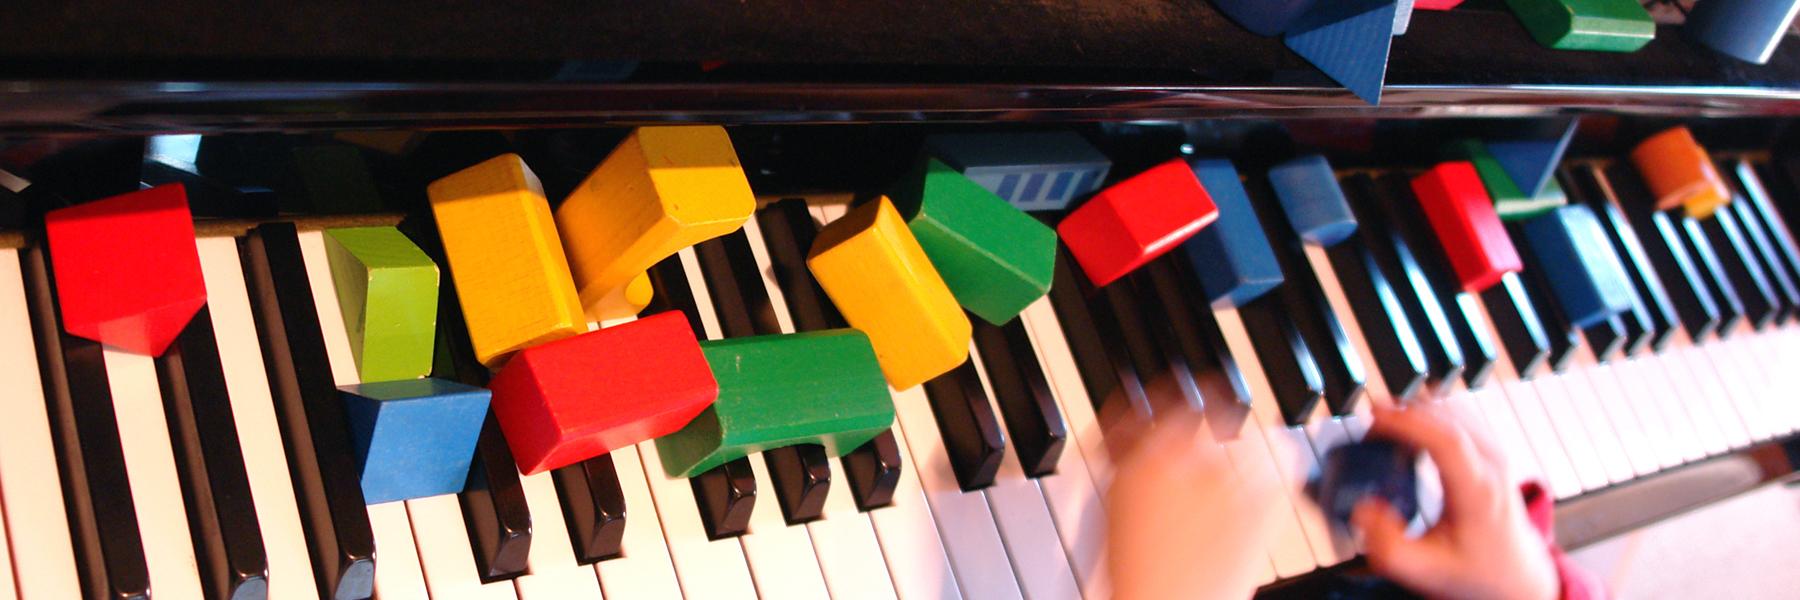 componiendo-piezas-al-piano-1800x600